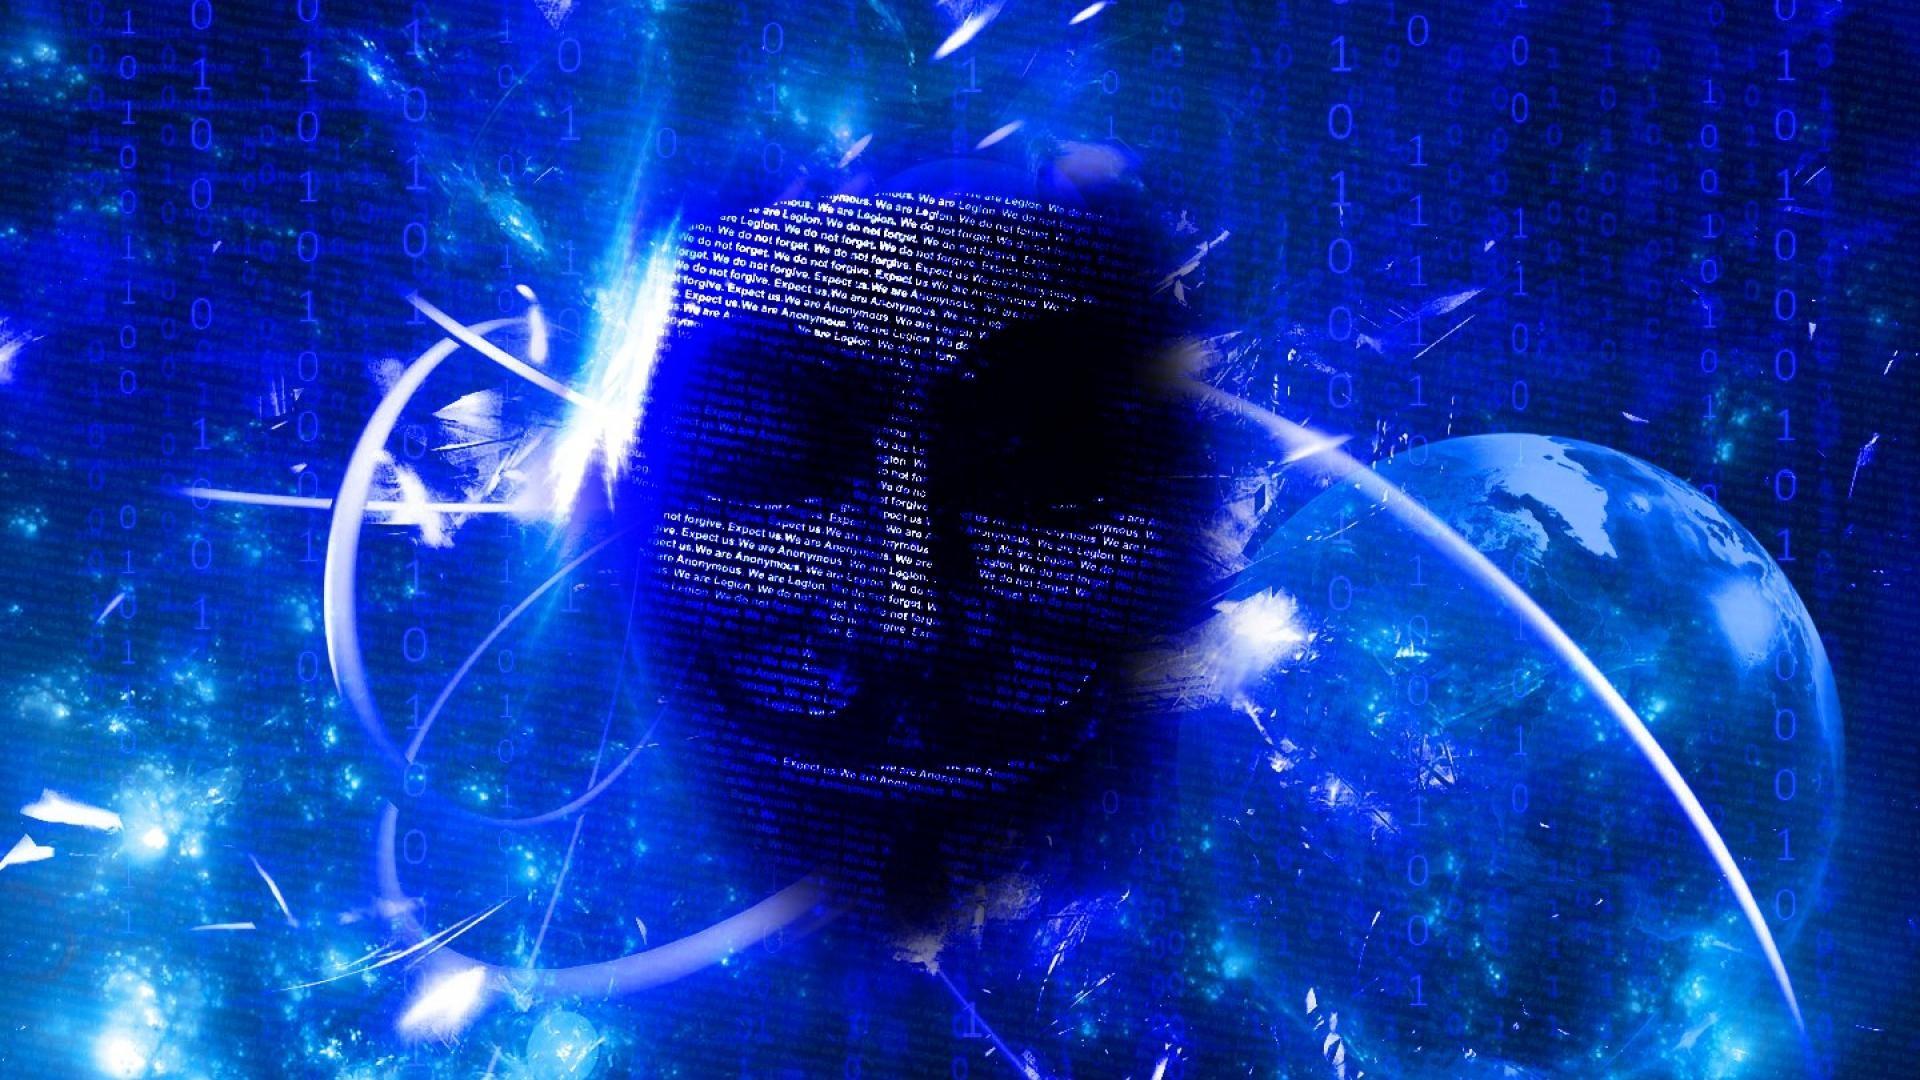 Hd Wallpaper 1920x1080 Black Blue: Matrix Code Wallpaper HD (65+ Images